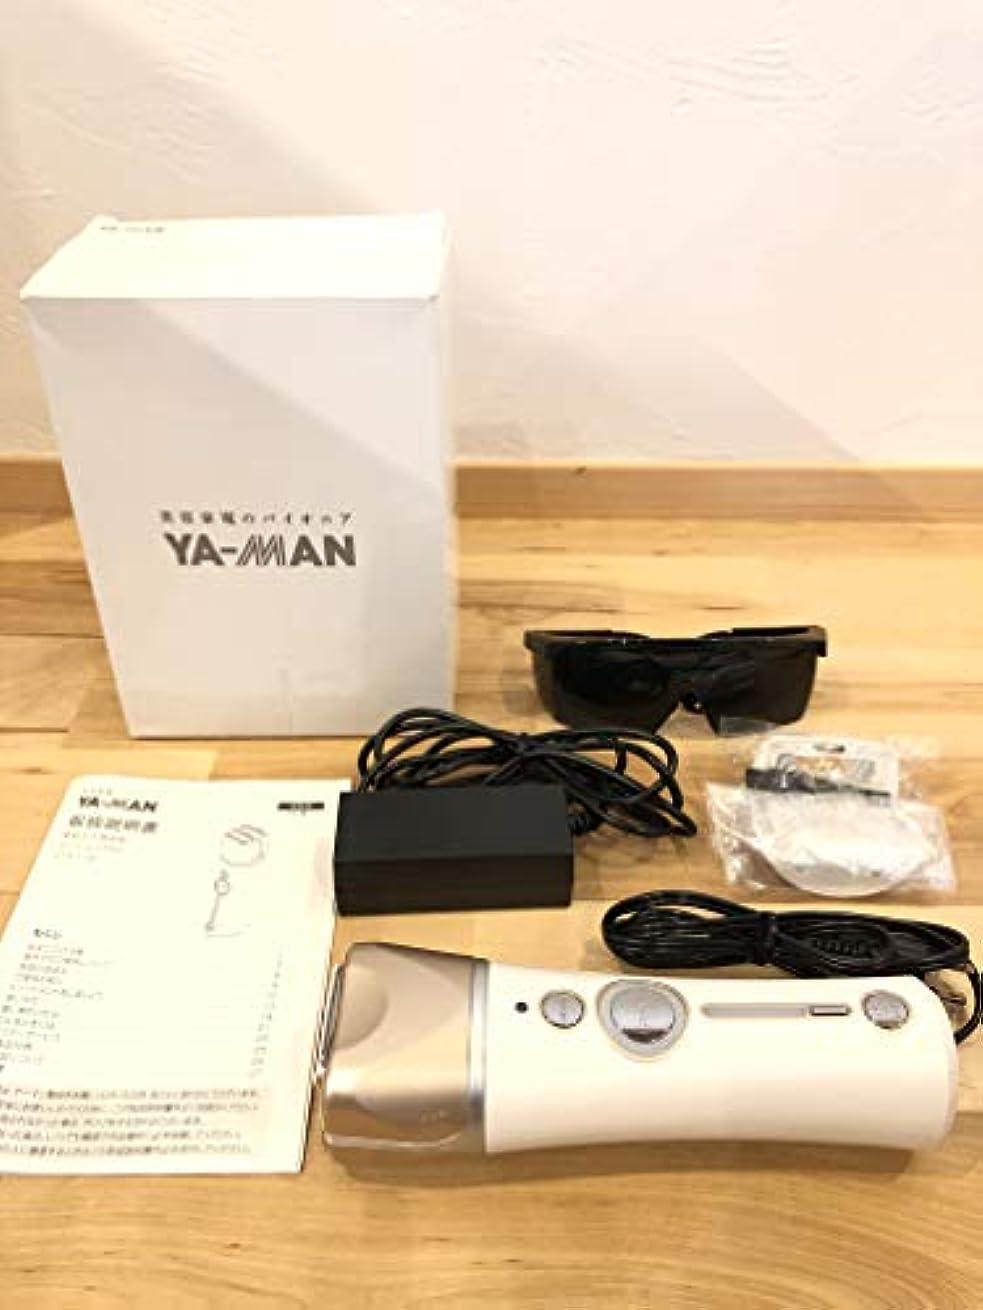 天才十代買い手YA-MAN(ヤーマン)家庭用フラッシュ脱毛器 ダブルエピPRO ゴールド